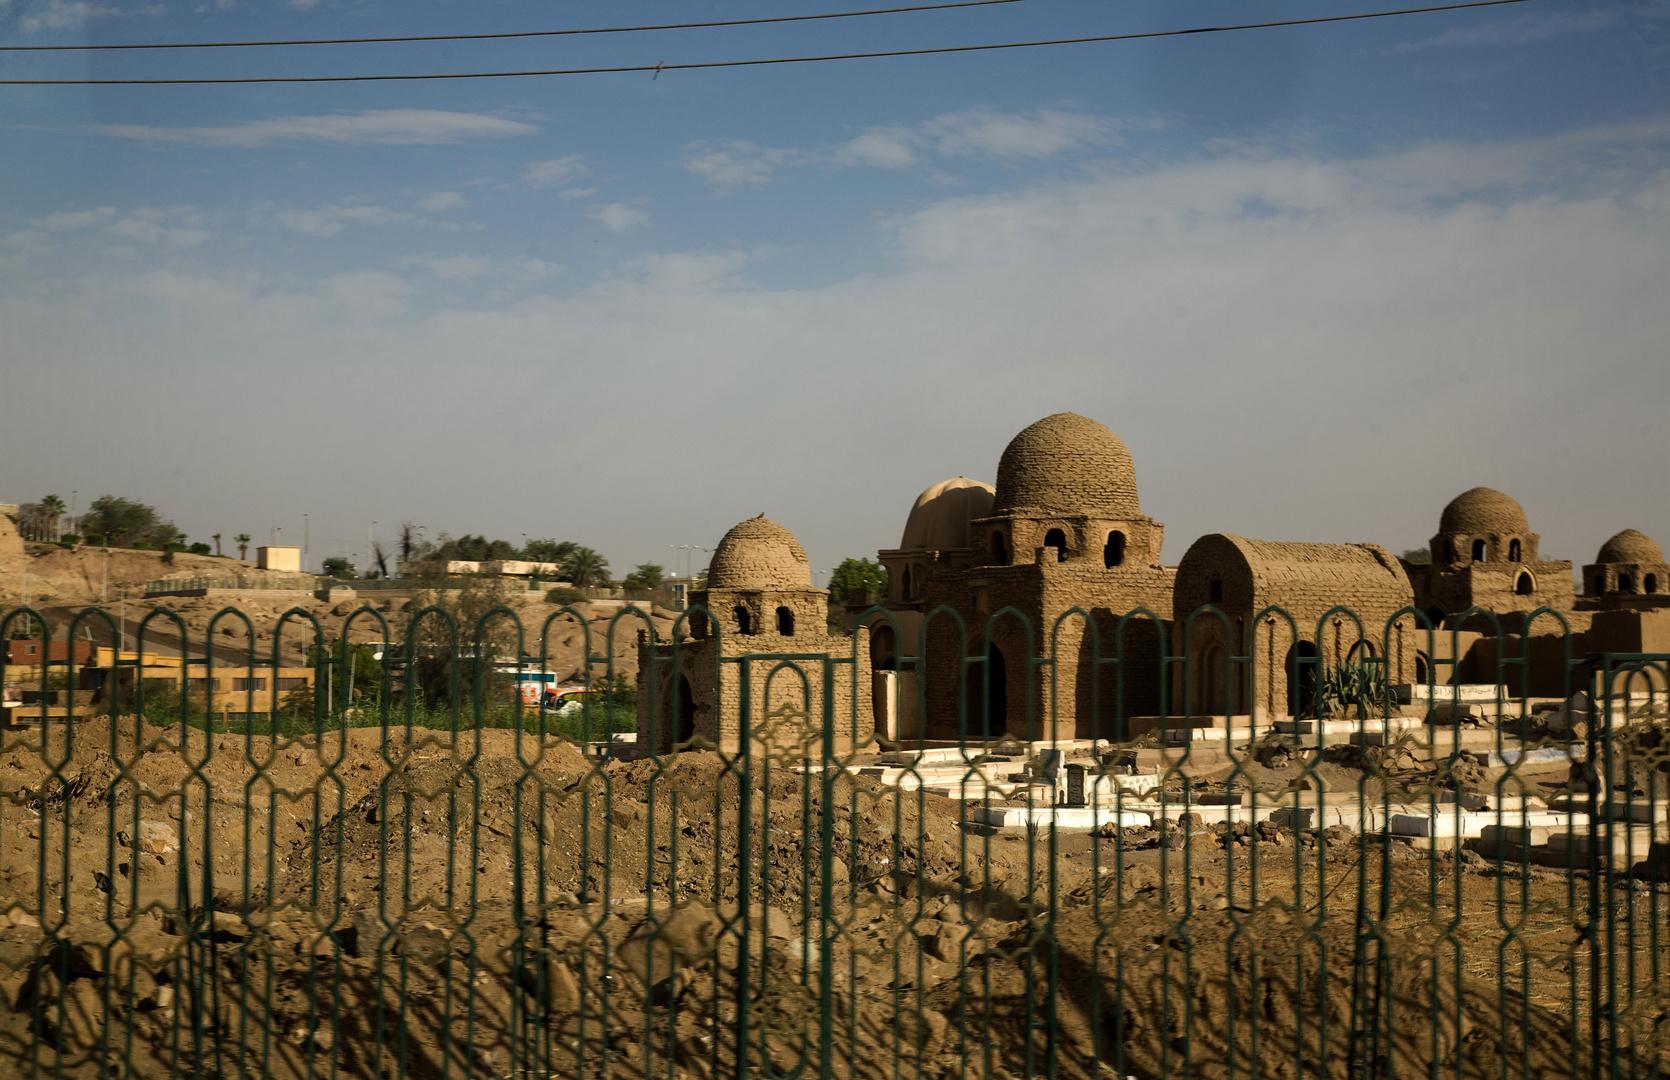 Mamluk Cemetery Aswan